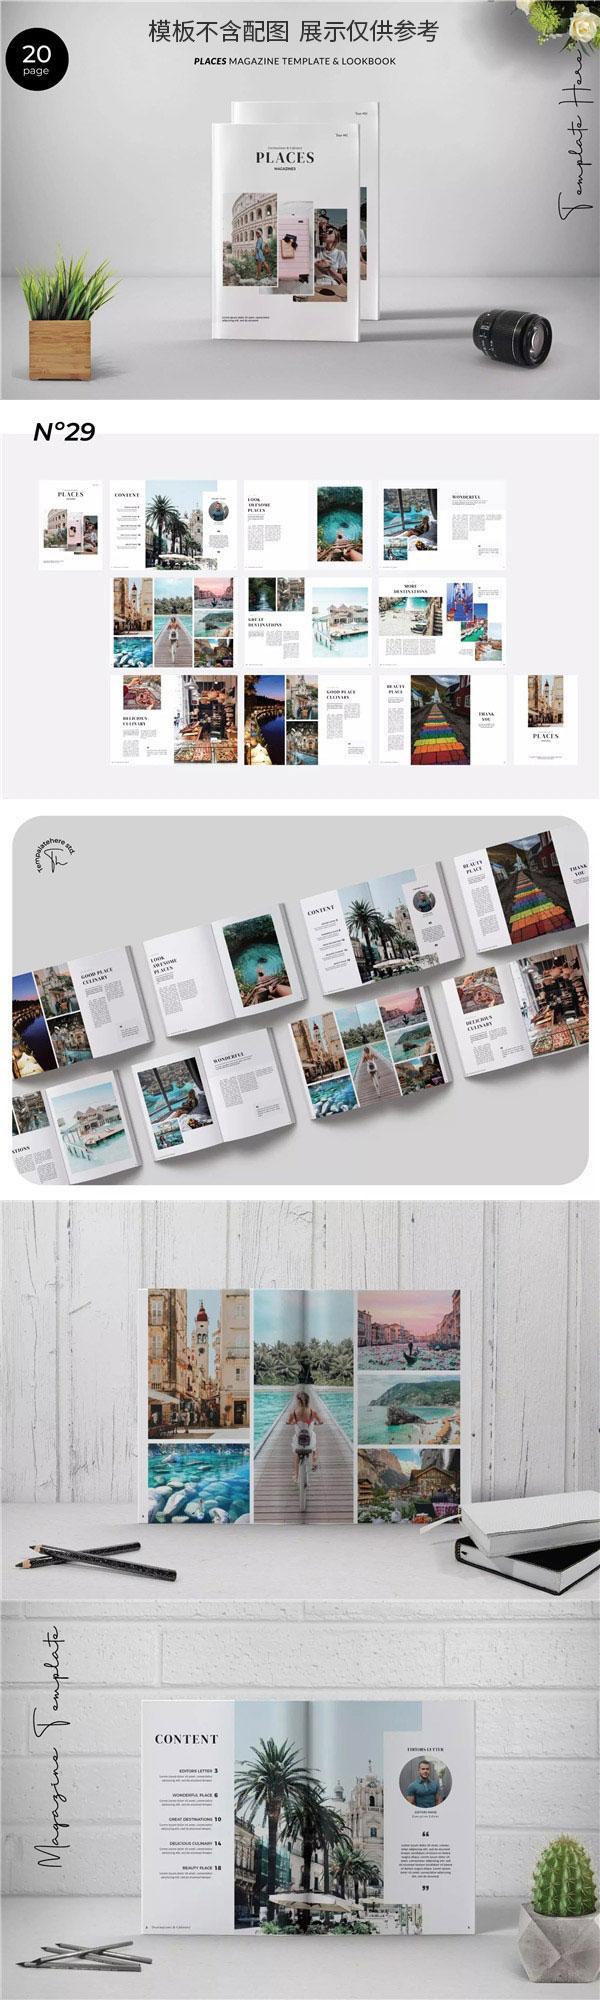 旅游目录杂志模板